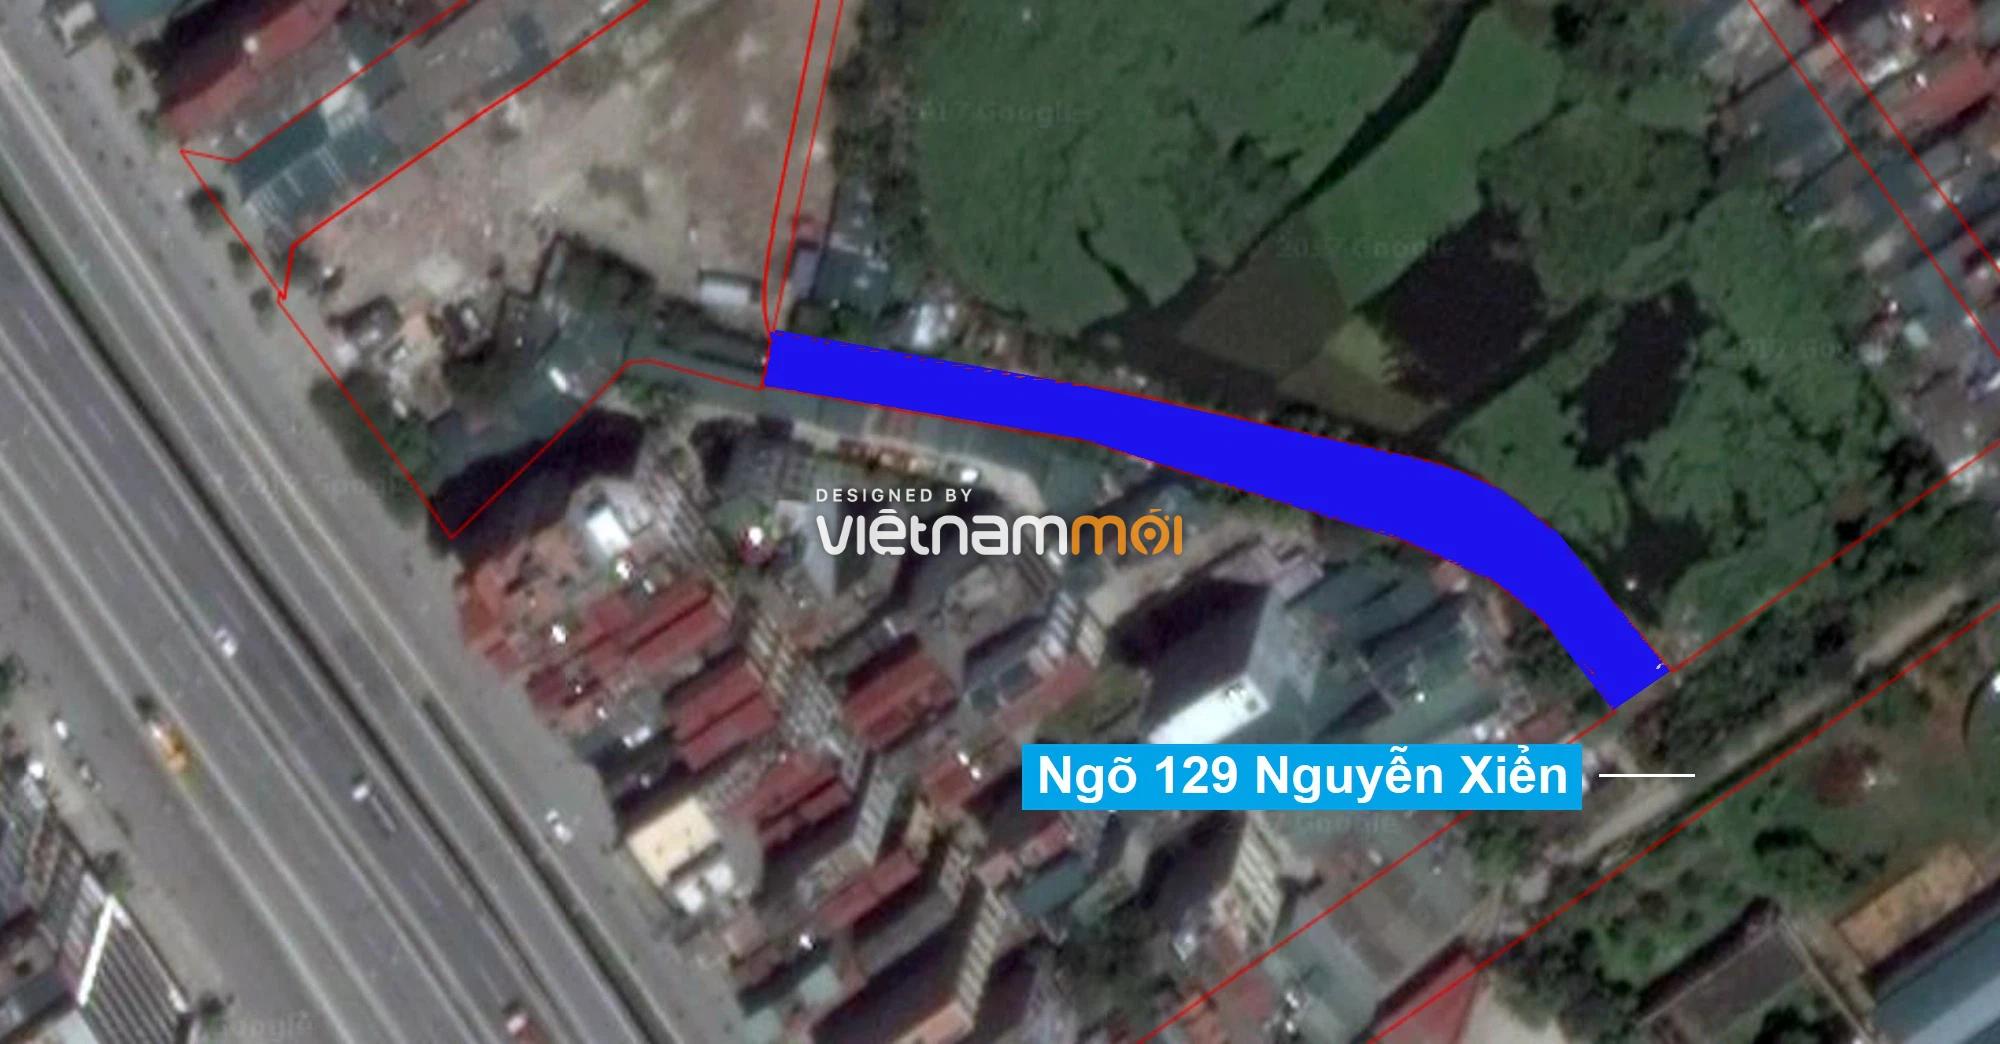 Những khu đất sắp thu hồi để mở đường ở quận Thanh Xuân, Hà Nội (phần 1) - Ảnh 16.